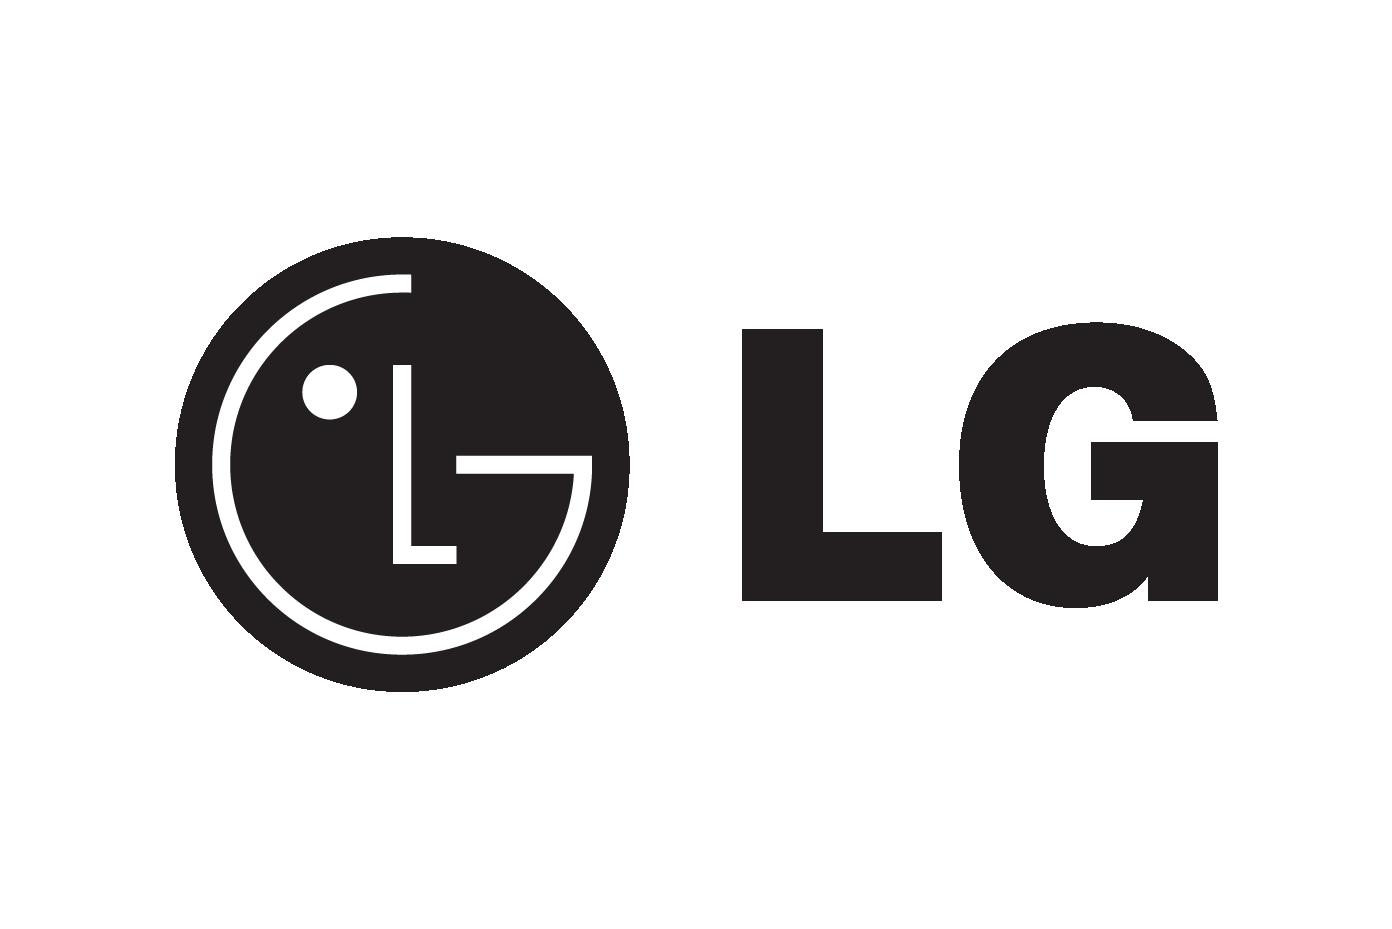 B2B-Logos-05.png